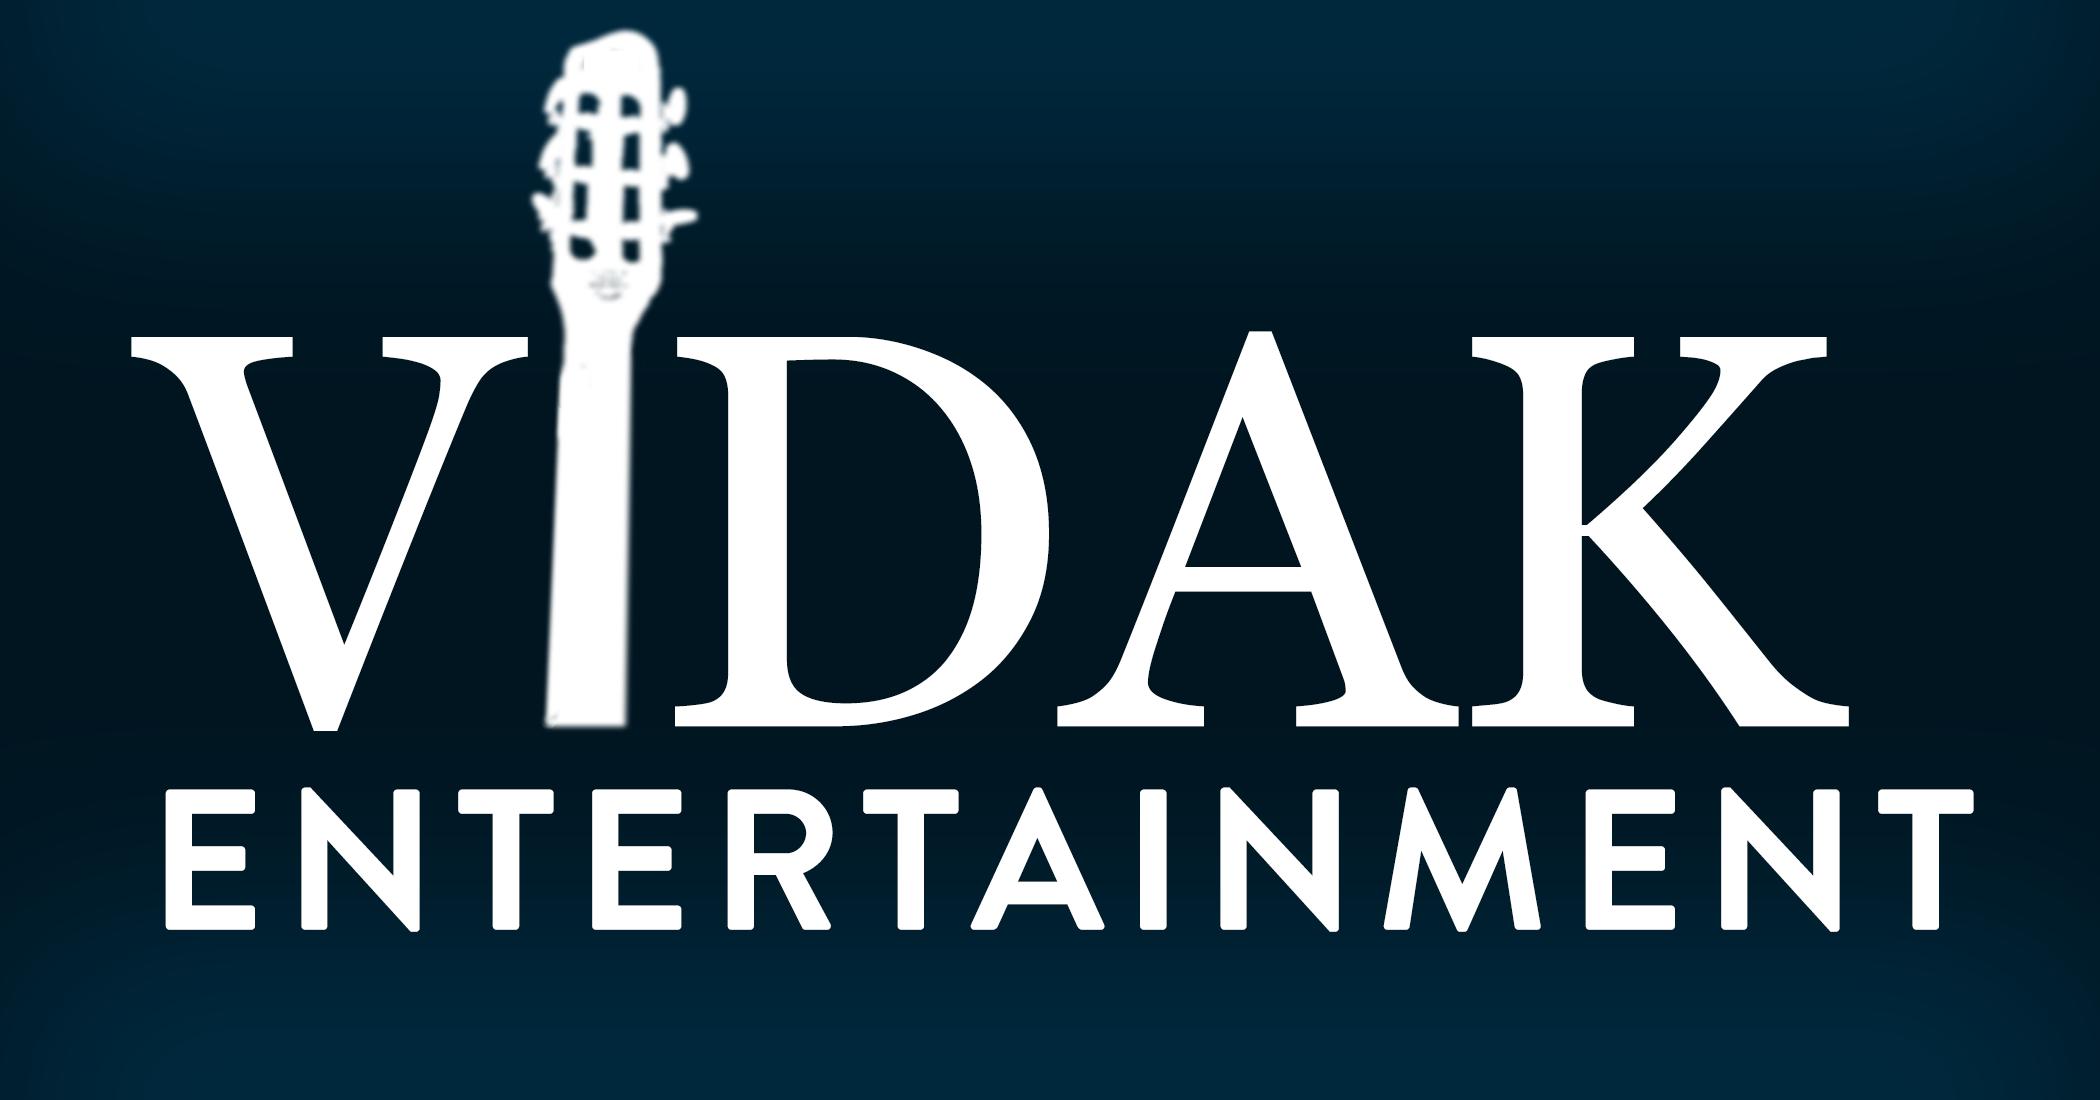 vidak entertainment.png